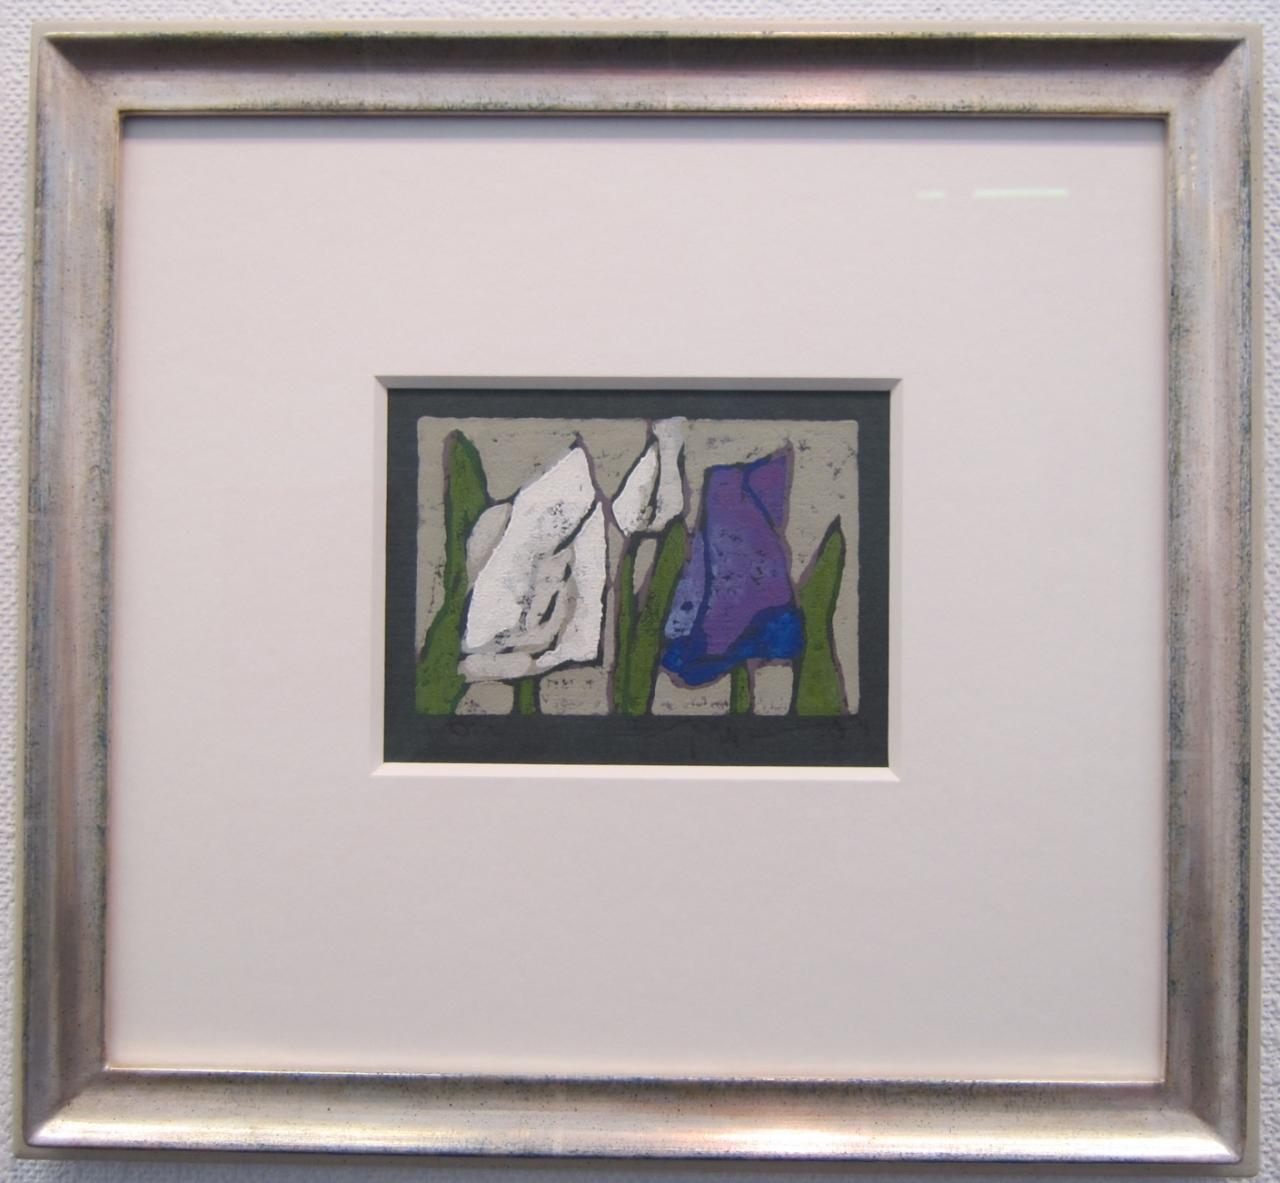 Tulpen weiß und violett gerahmt in Echtsilber